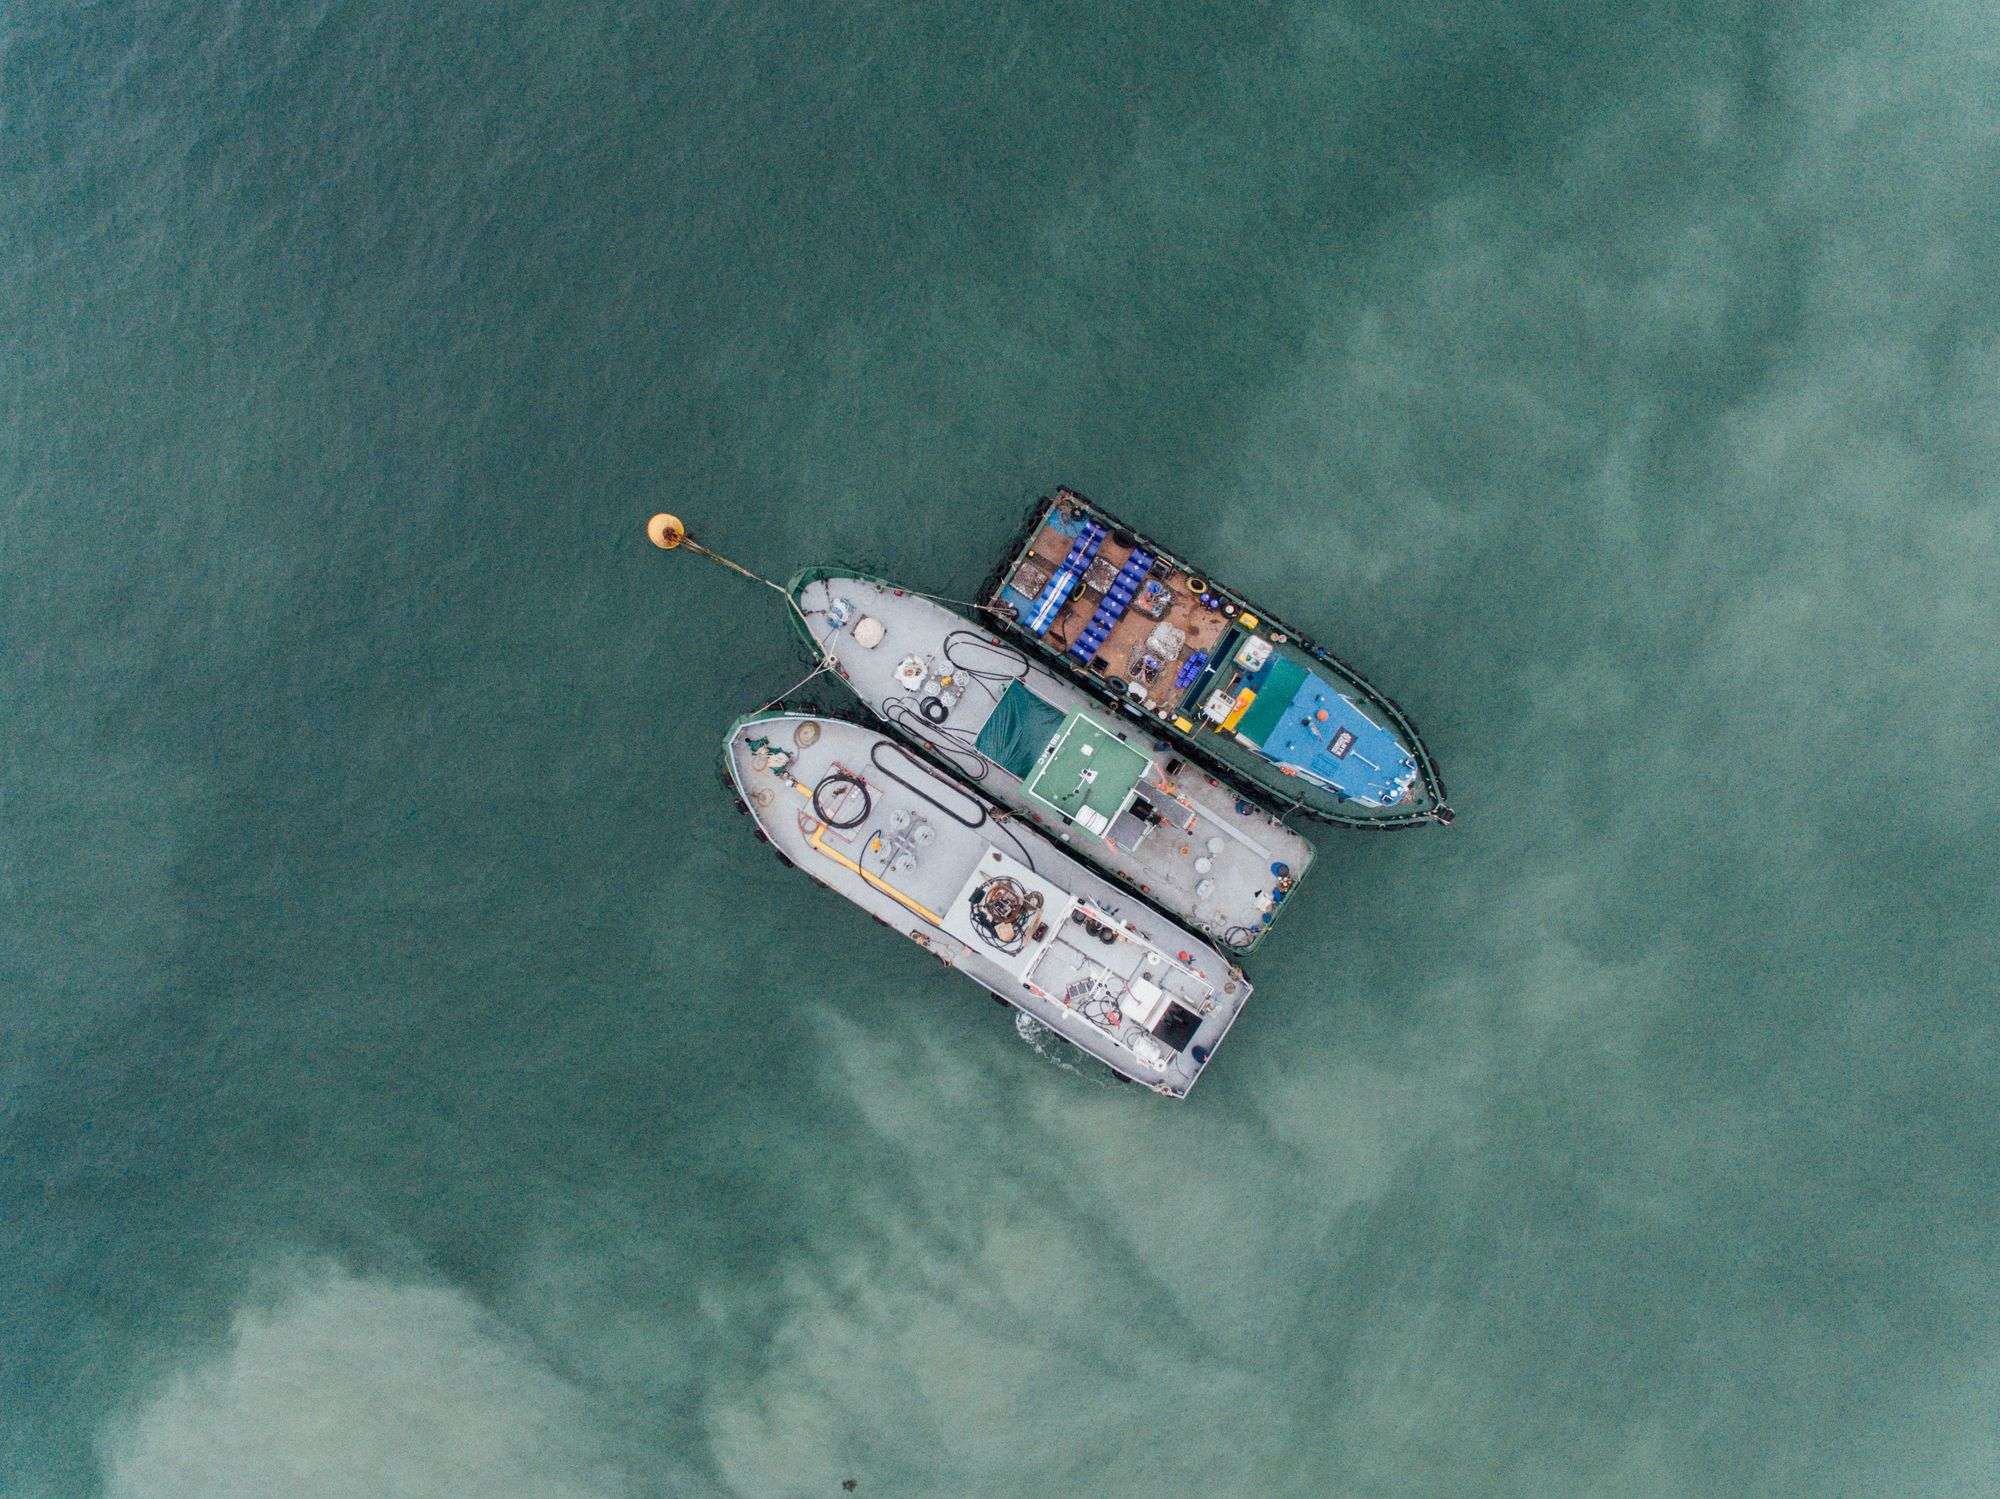 Coronavirus: Ships in Quarantine